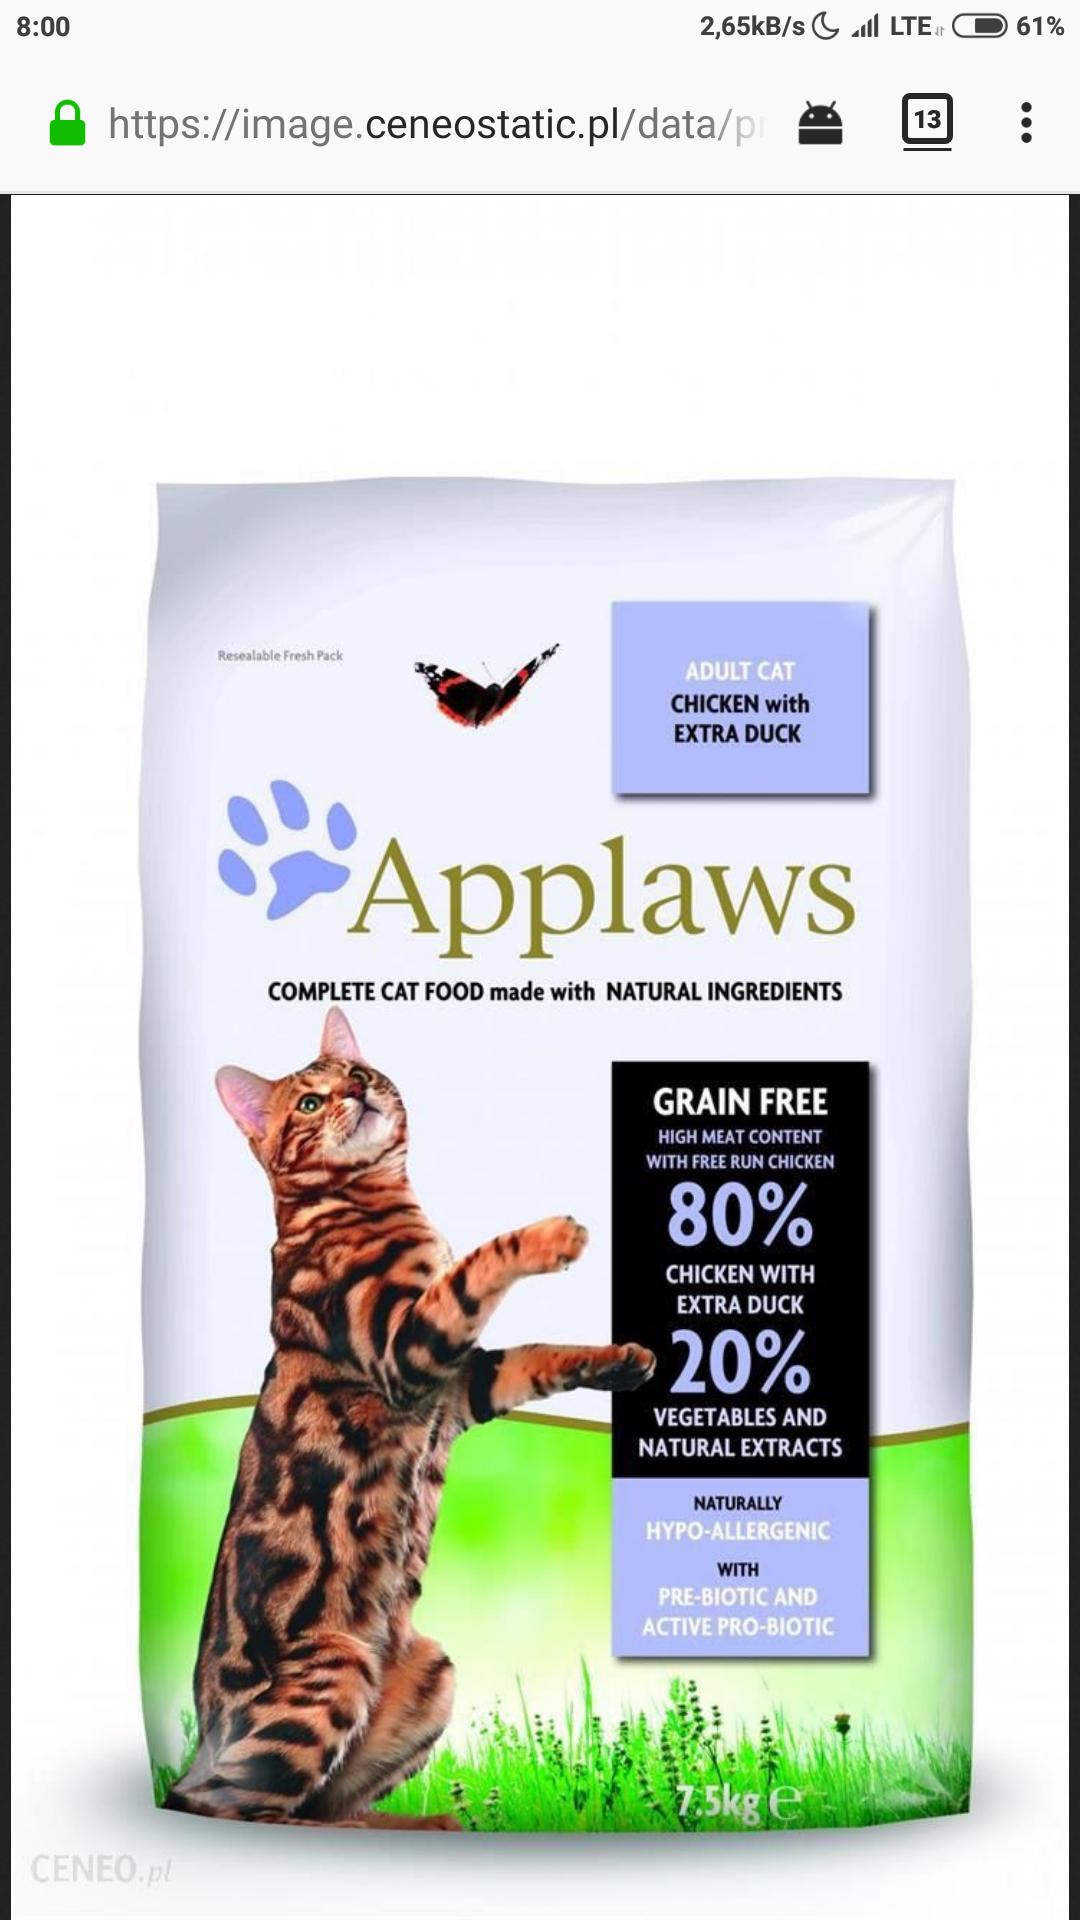 Applaws karma dla kota w dobrej cenie 7.5 kg